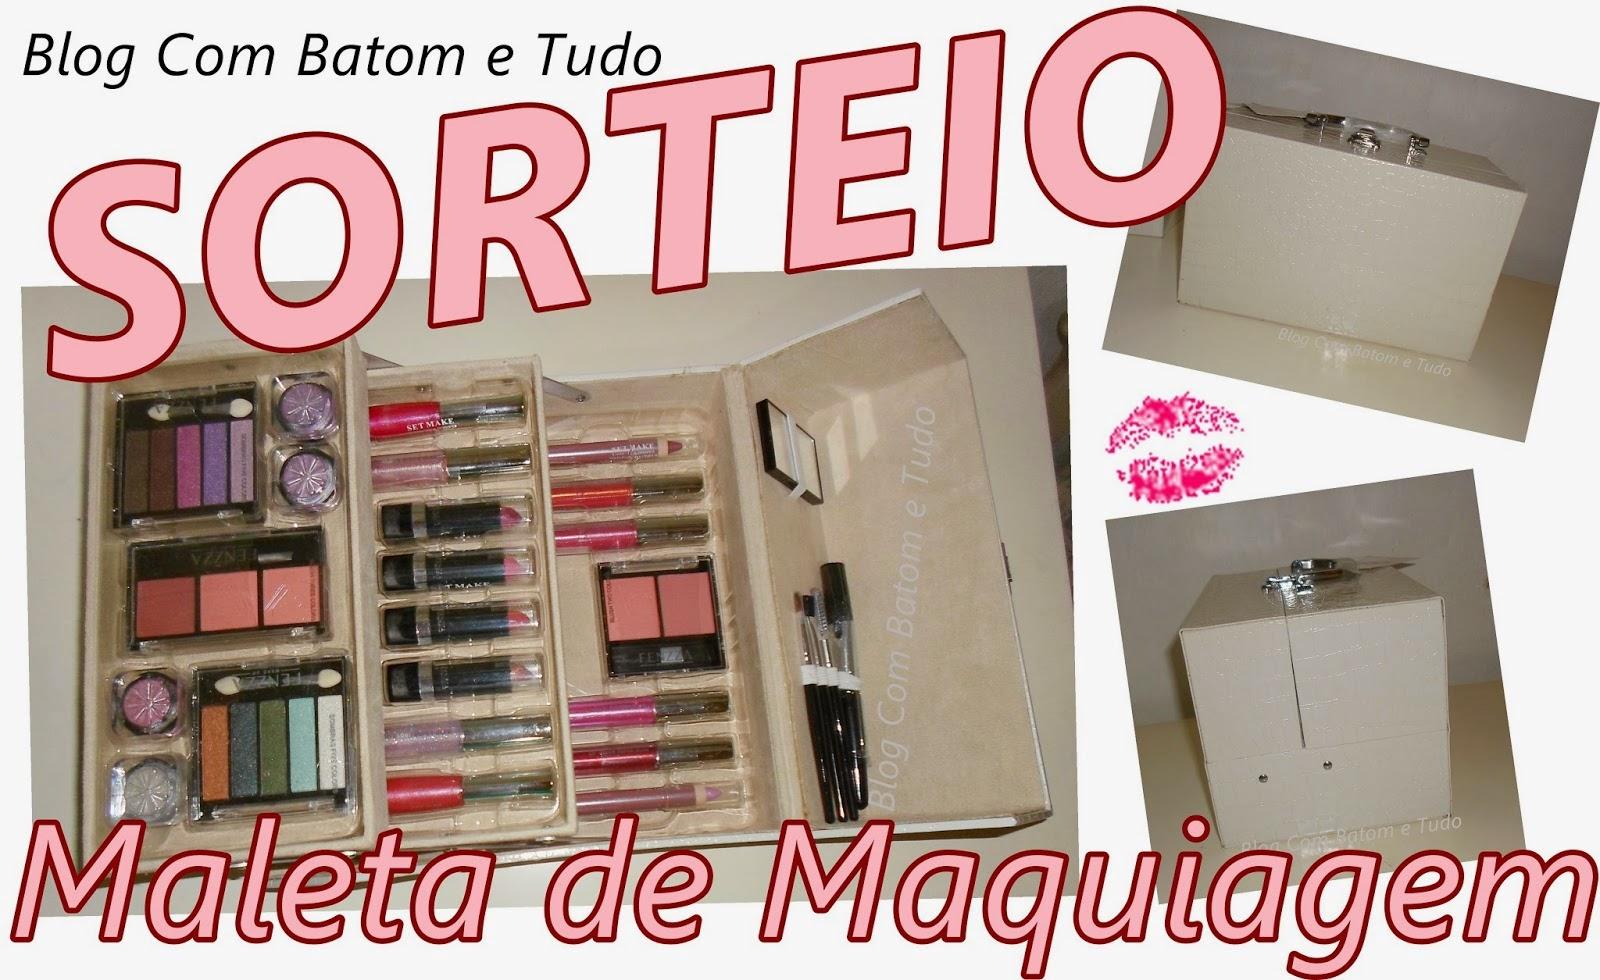 http://combatometudo.blogspot.com.br/2014/06/sorteio-da-maleta-de-maquiagem-da-fenzza.html